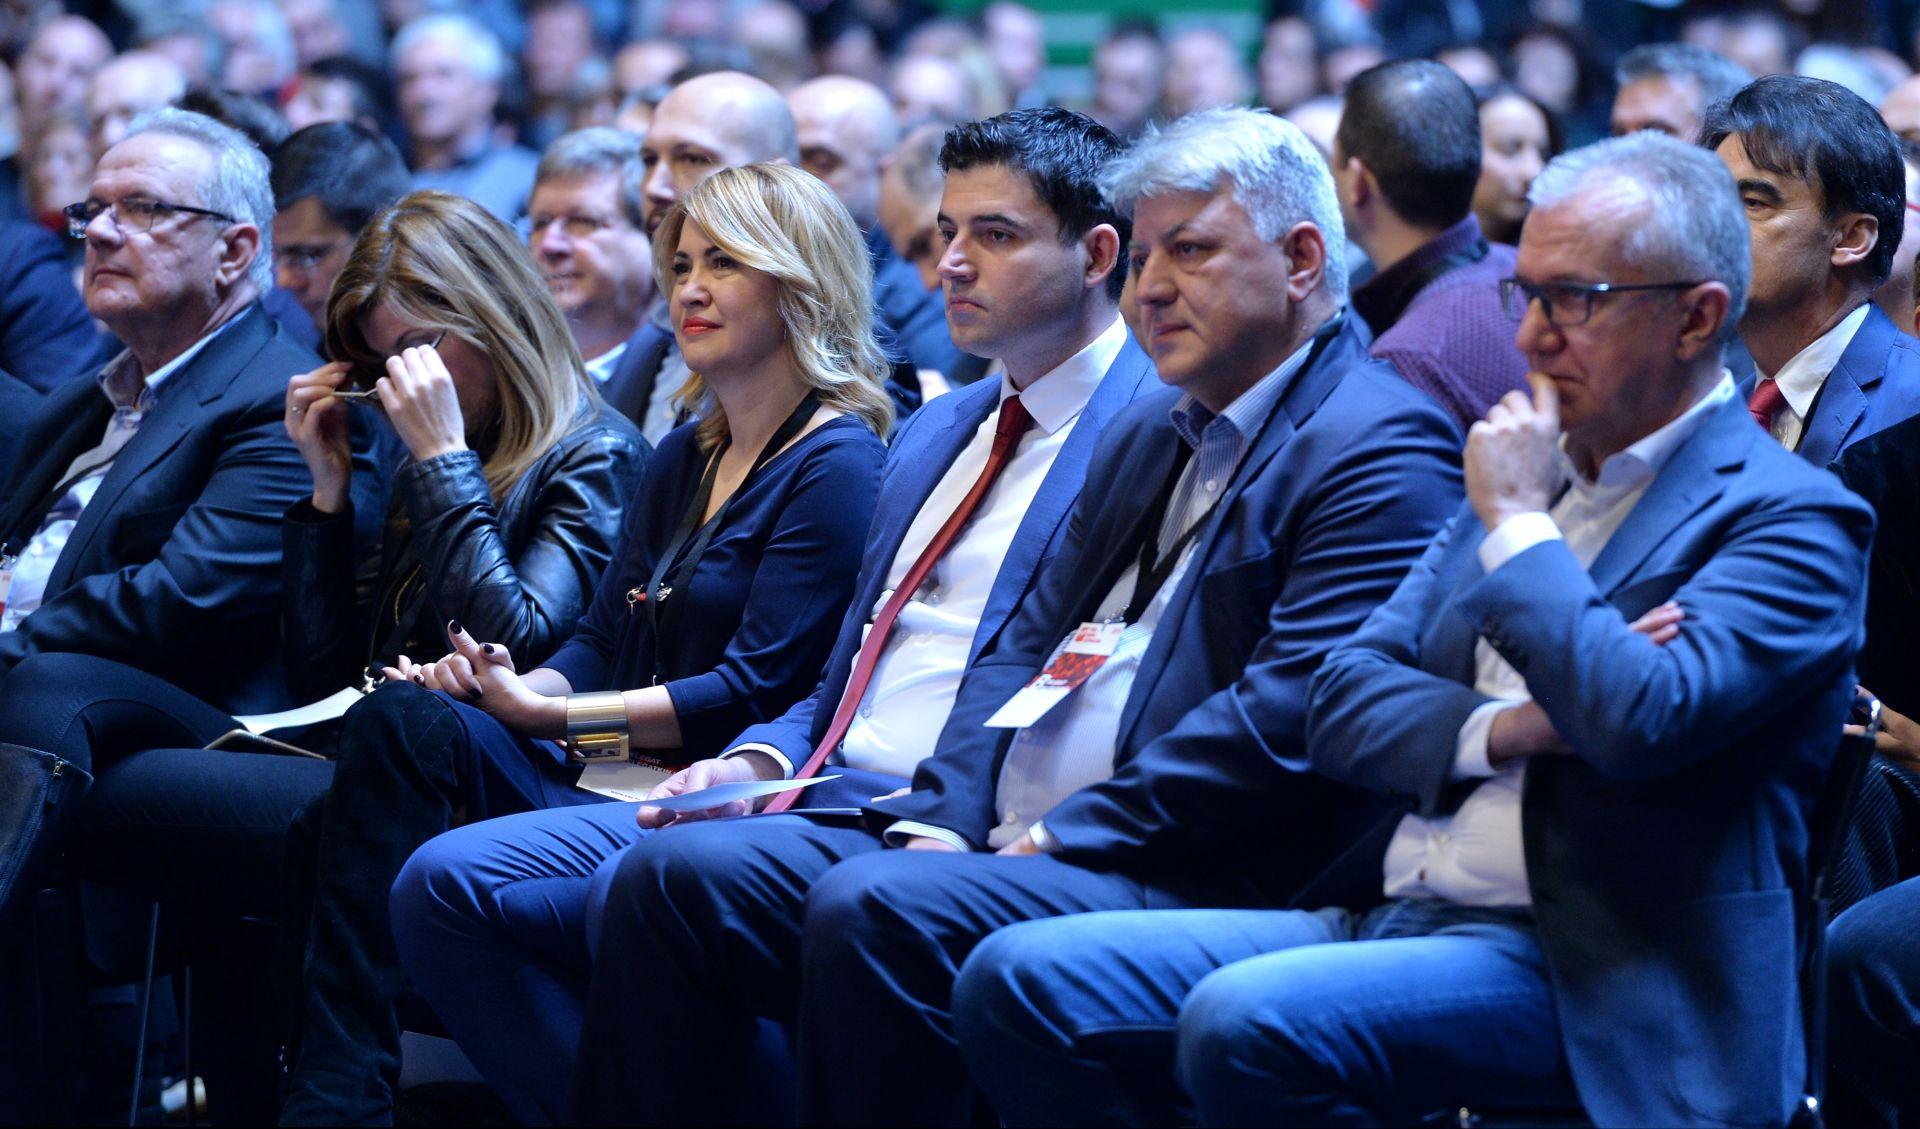 IZBORNA KONVENCIJA SDP-a: Izabrano novo Predsjedništvo stranke